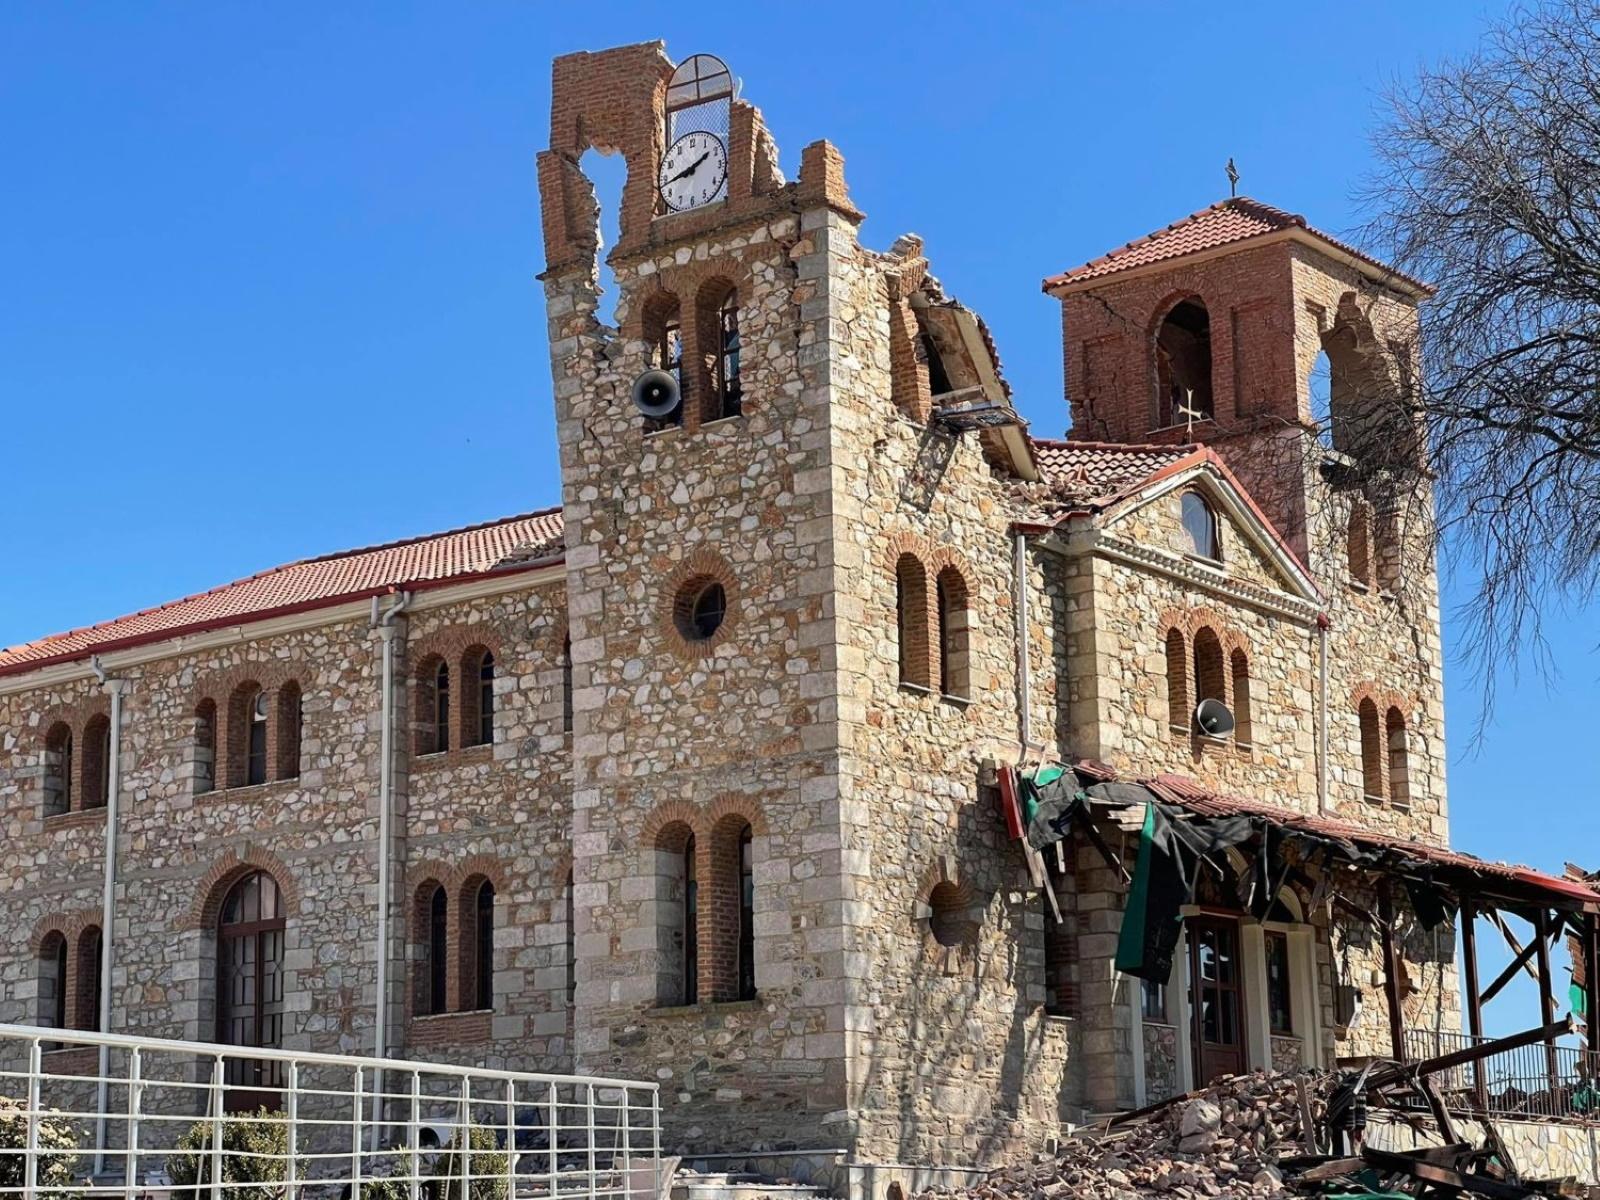 Σεισμός στην Ελασσόνα: Ενεργοποιήθηκε το Γενικό Σχέδιο «Εγκέλαδος»